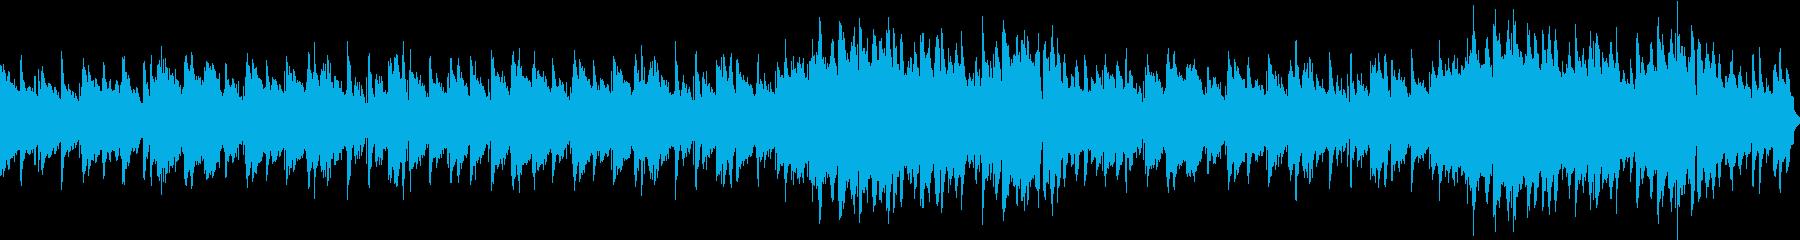 ジャズワルツ風の洒落たサックス曲の再生済みの波形